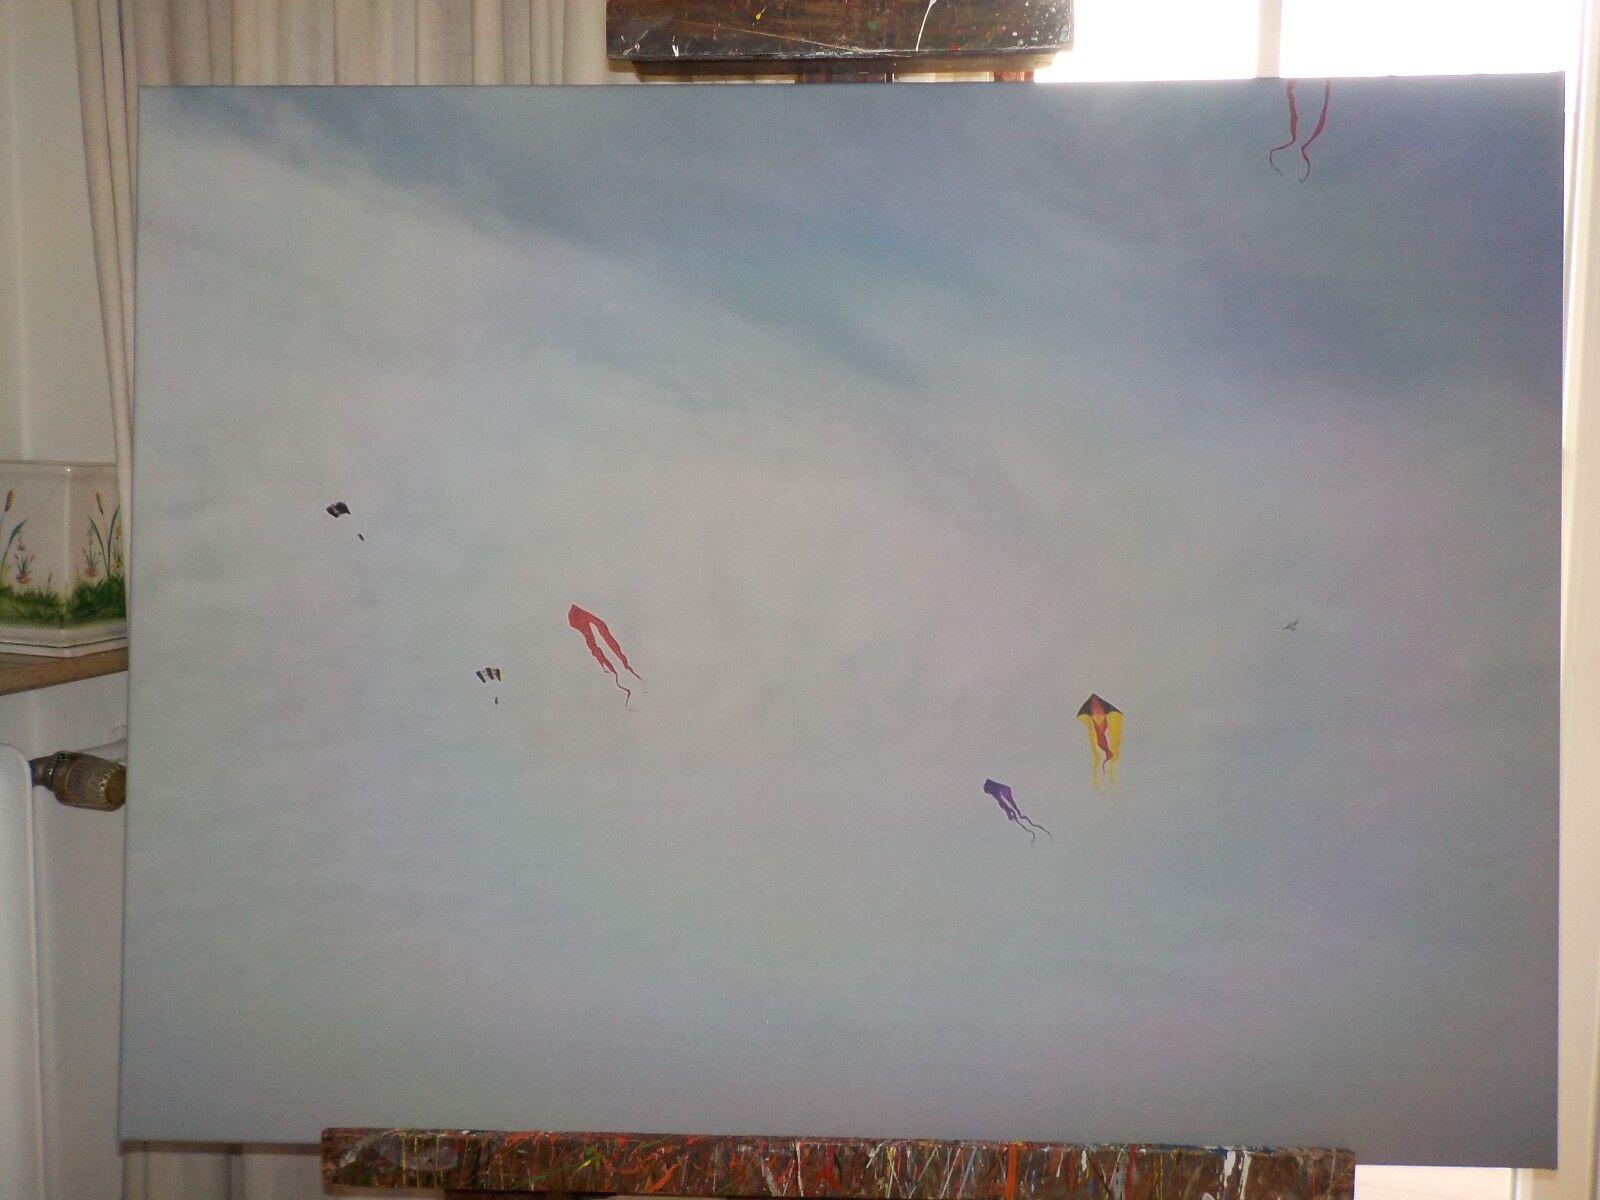 Foto auf Leinwand mit Holzleiste  Drachenfliegen  100x75 cm, signiert